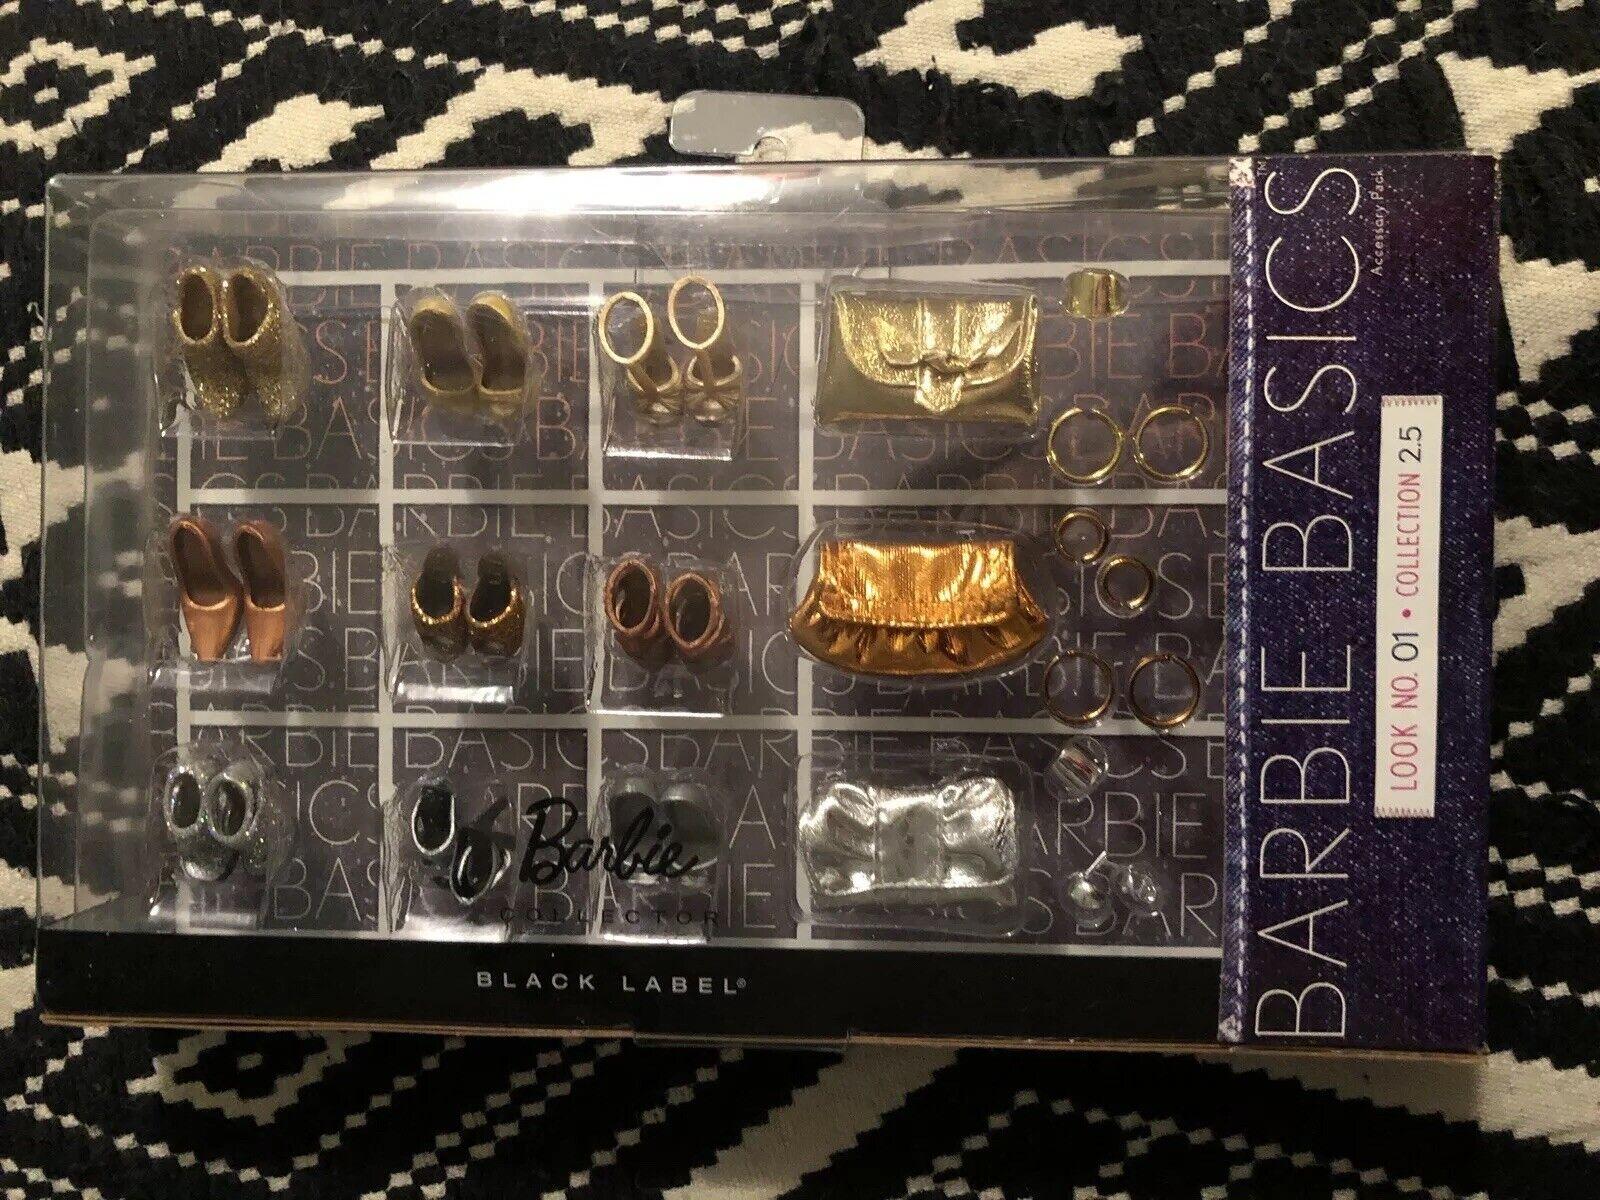 Accesorios De Barbie Basics Look Nº 01  conjunto 2.5 Totalmente Nuevo